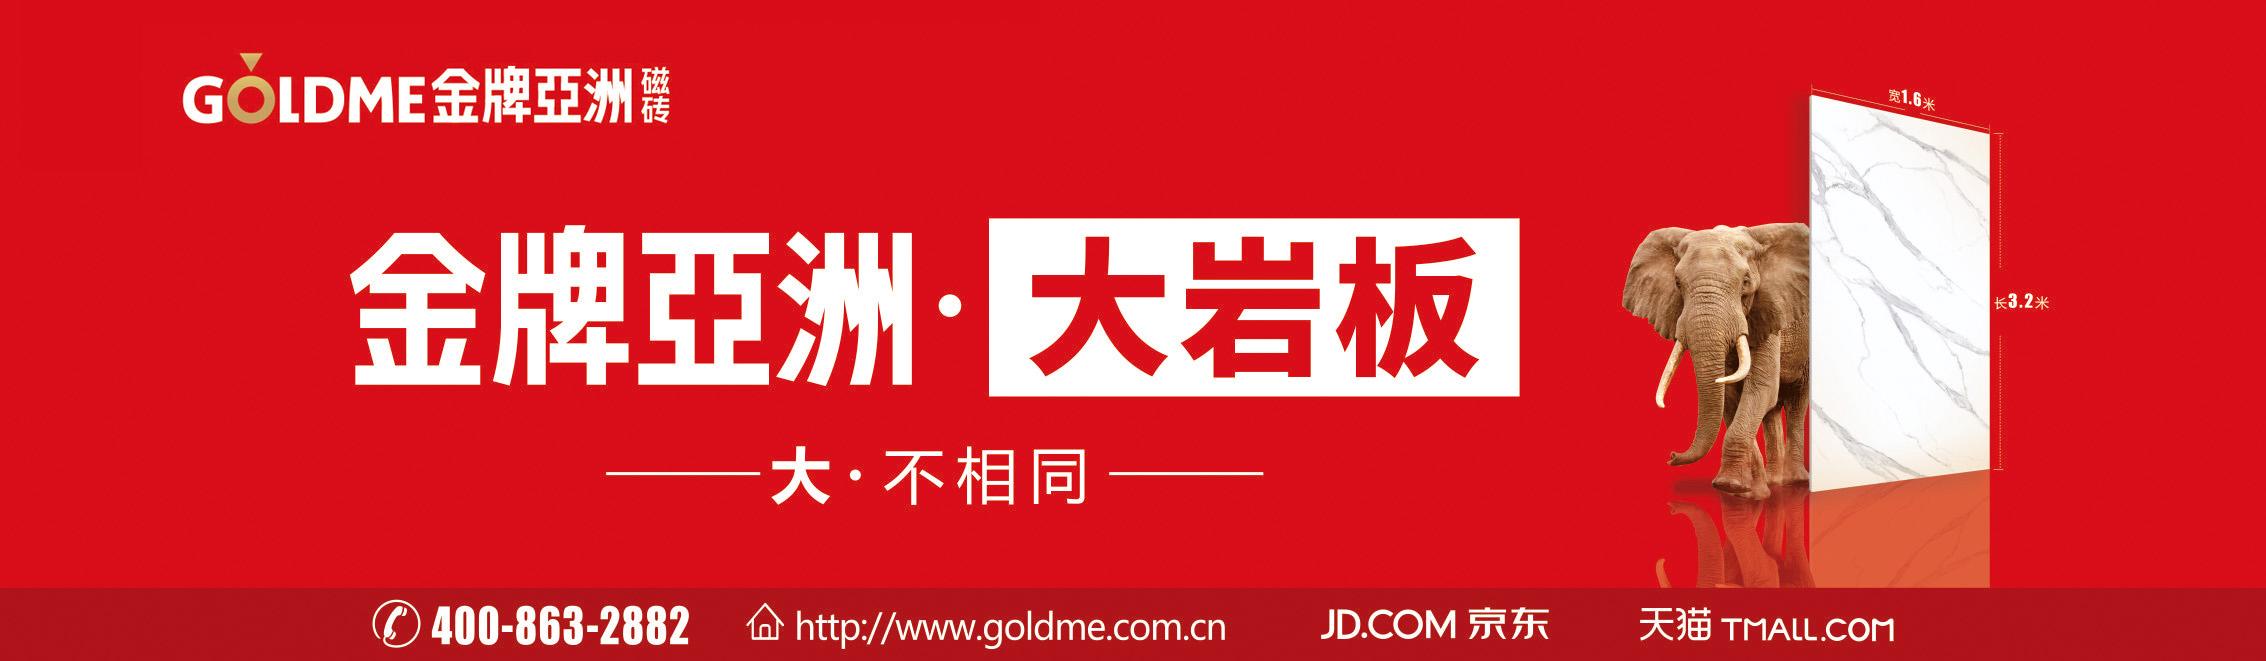 官网广告头图2019新版本.jpg